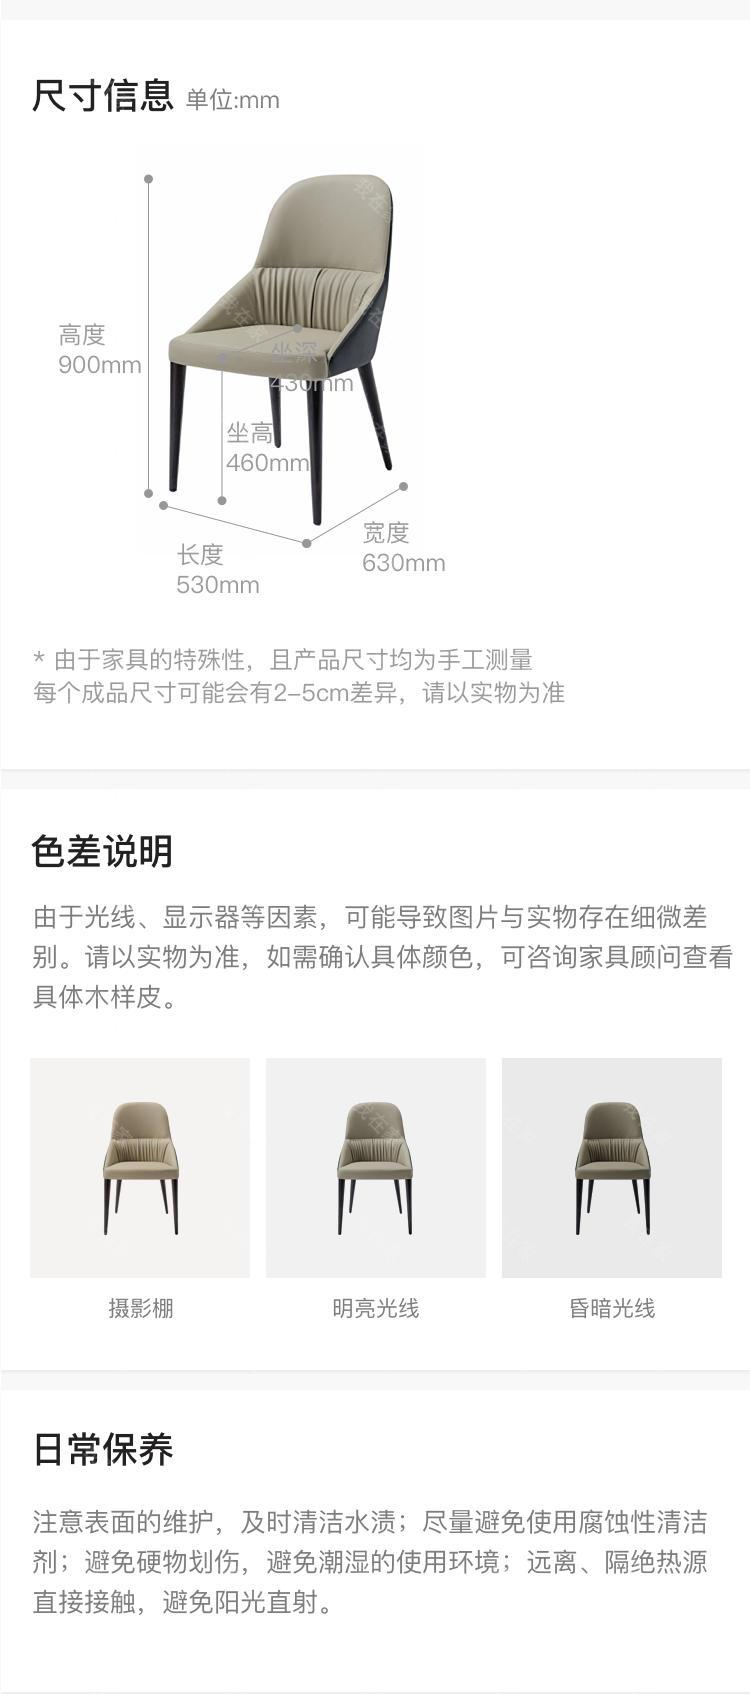 现代简约风格圣若望餐椅的家具详细介绍